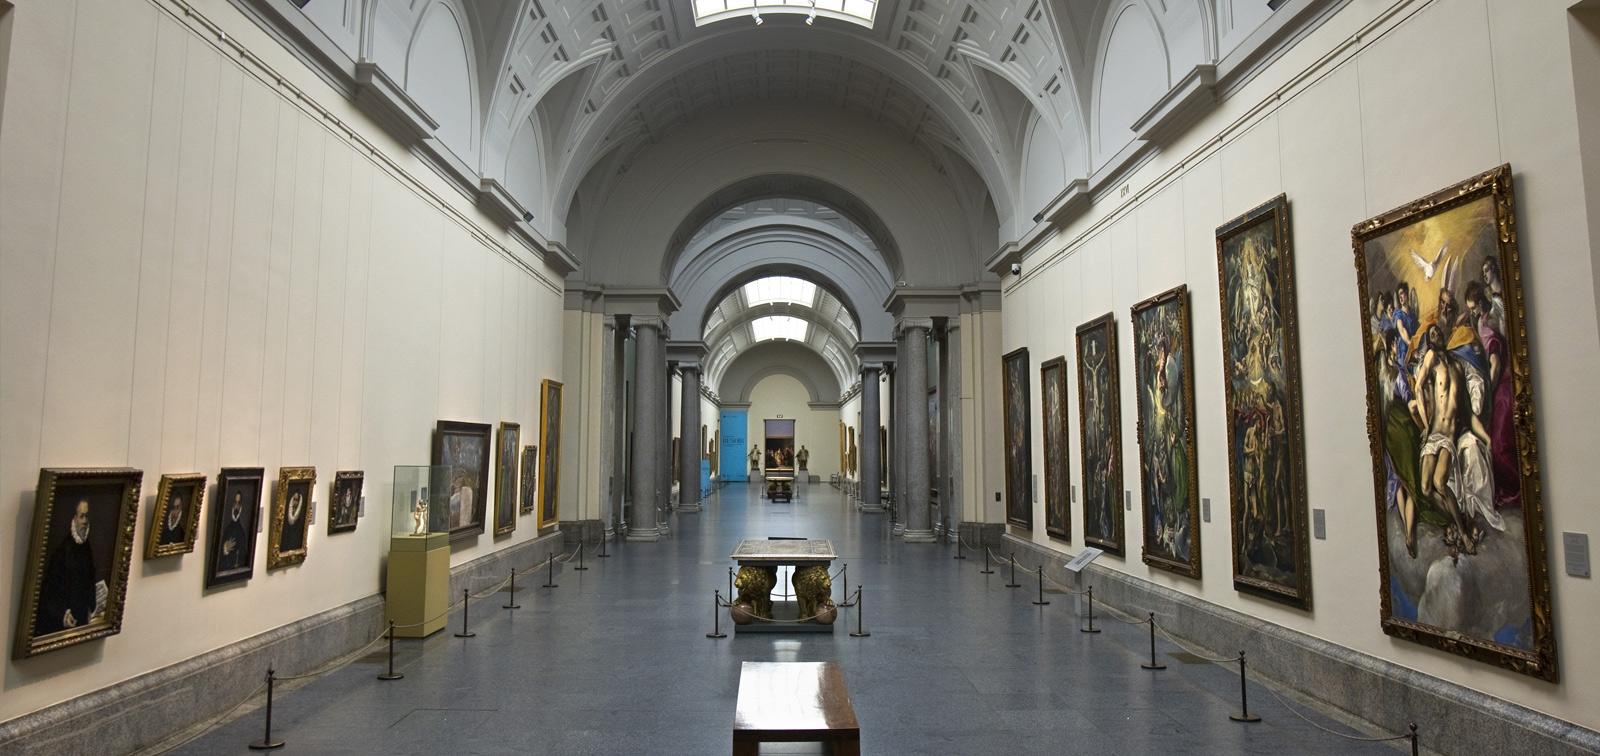 Beca 2020 Congreso de los Diputados de formación e investigación en Restauración de pintura del siglo XIX en el Museo Nacional del Prado